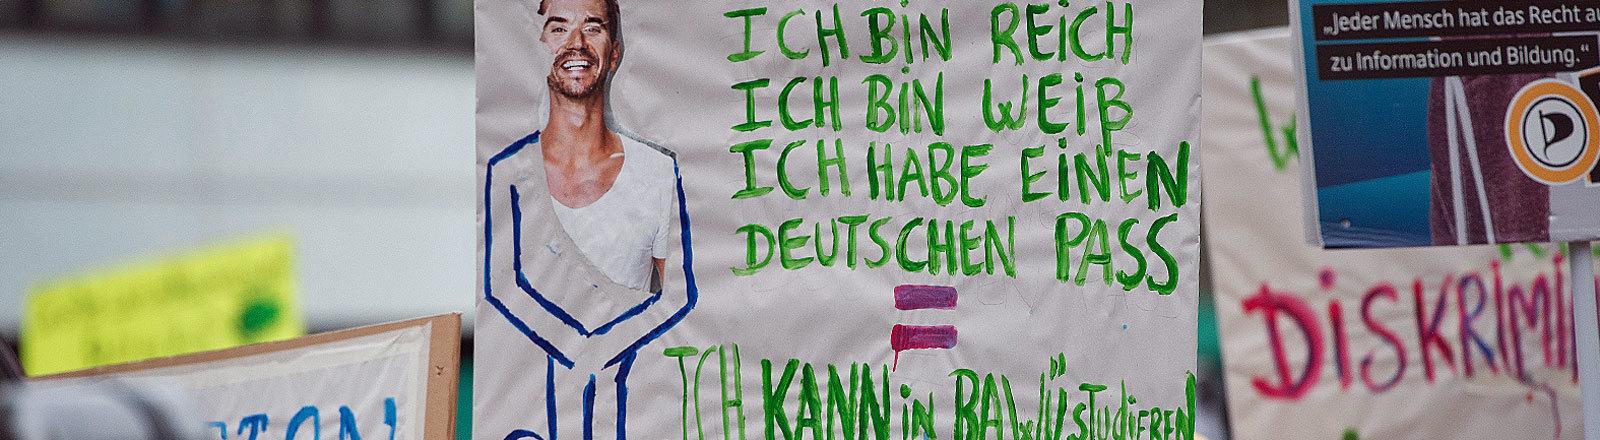 """Ein Demonstrant hält ein Schild mit der Aufschrift """"Ich bin jung, ich bin reich, ich bin weiß, ich habe einen deutschen Pass = Ich kann in Ba-Wü studieren"""" hoch"""